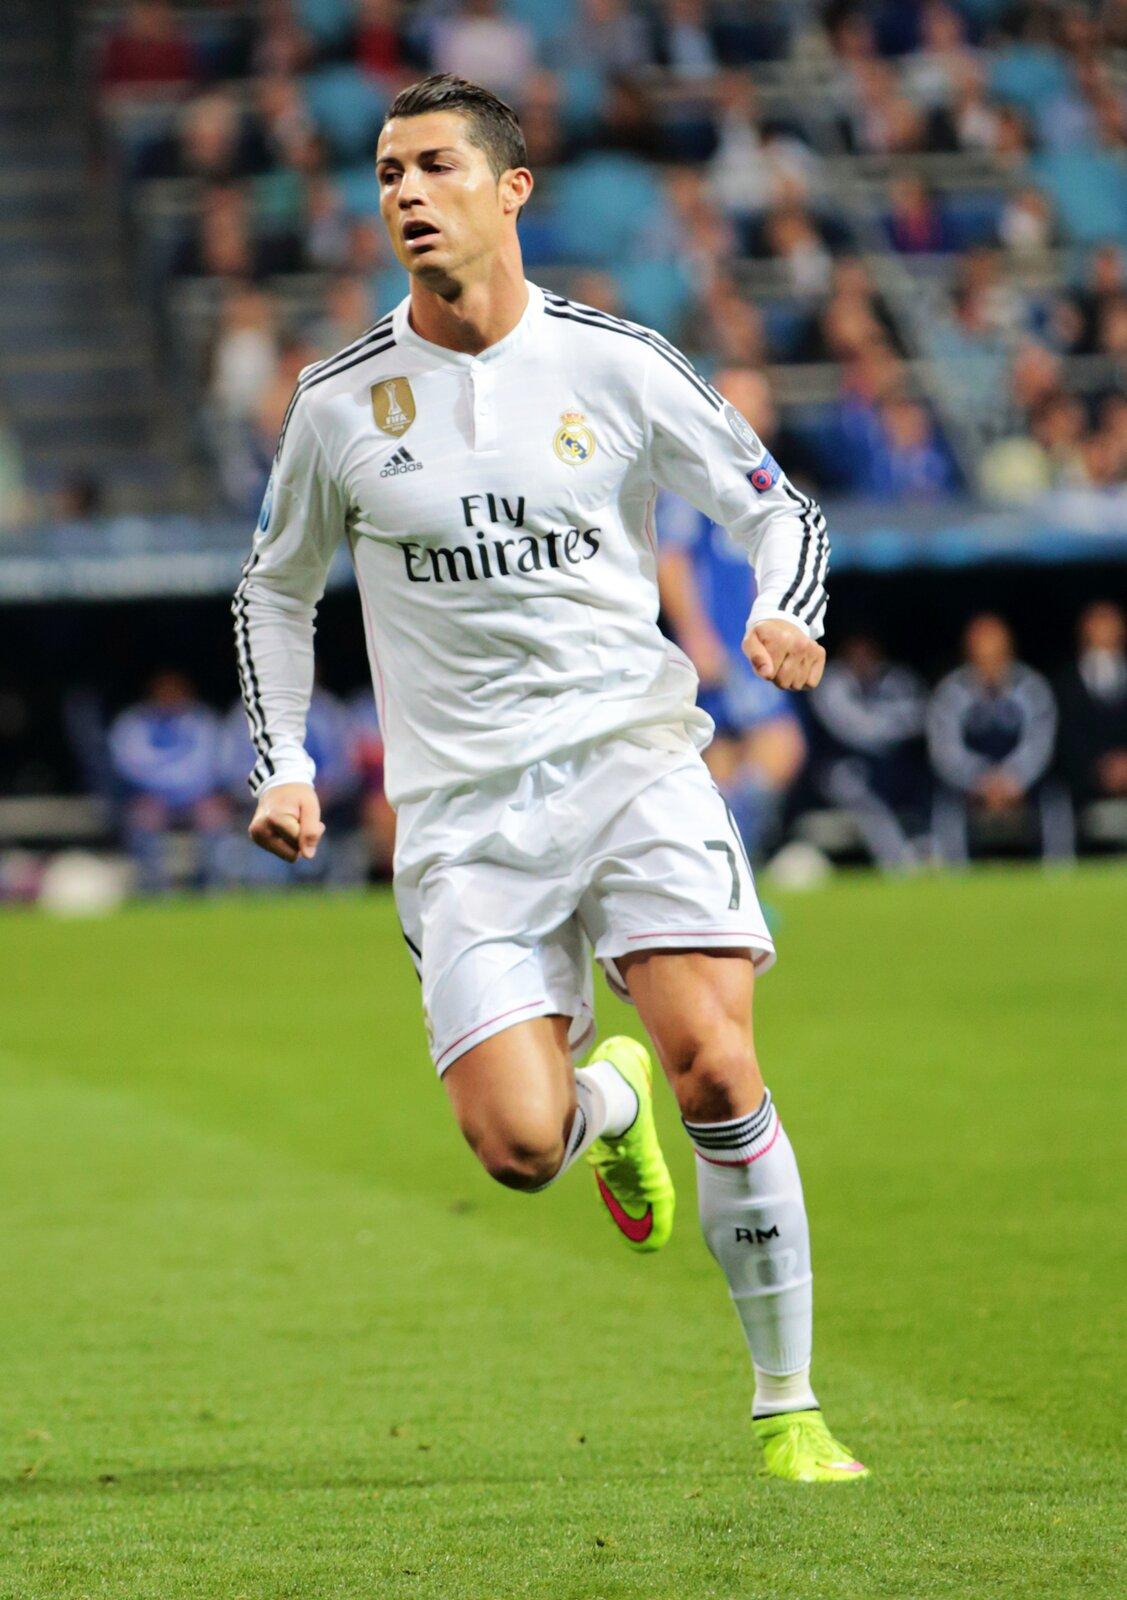 Piłkarz Cristiano Ronaldo Piłkarz Cristiano Ronaldo Źródło: Chris Deahr, 2012, fotografia, licencja: CC BY 2.0.